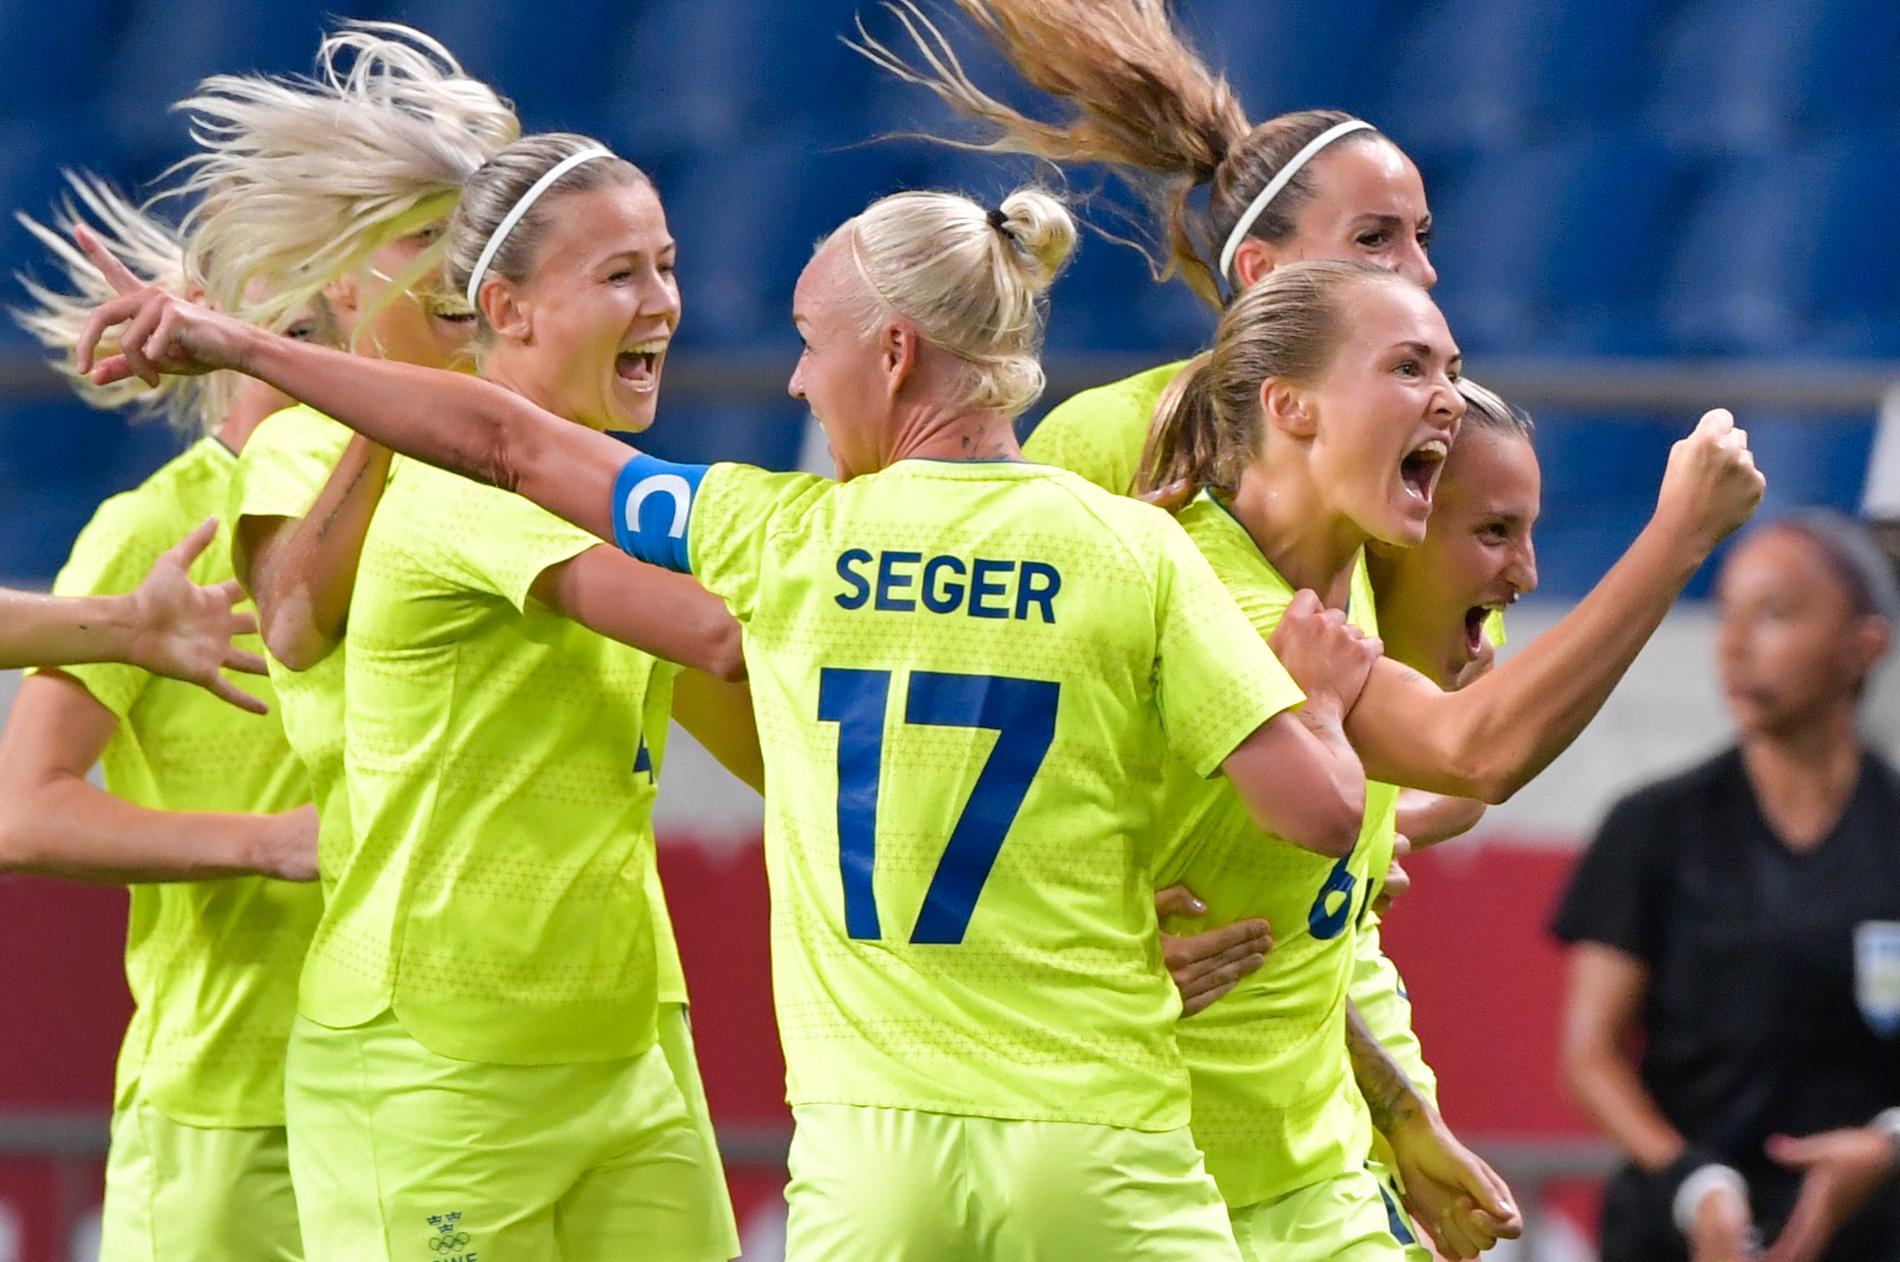 Seger står det på tröjan, seger blev det också i matchen. Sverige är klart för OS-semifinal i fotboll efter kvartsfinalseger mot Japan.